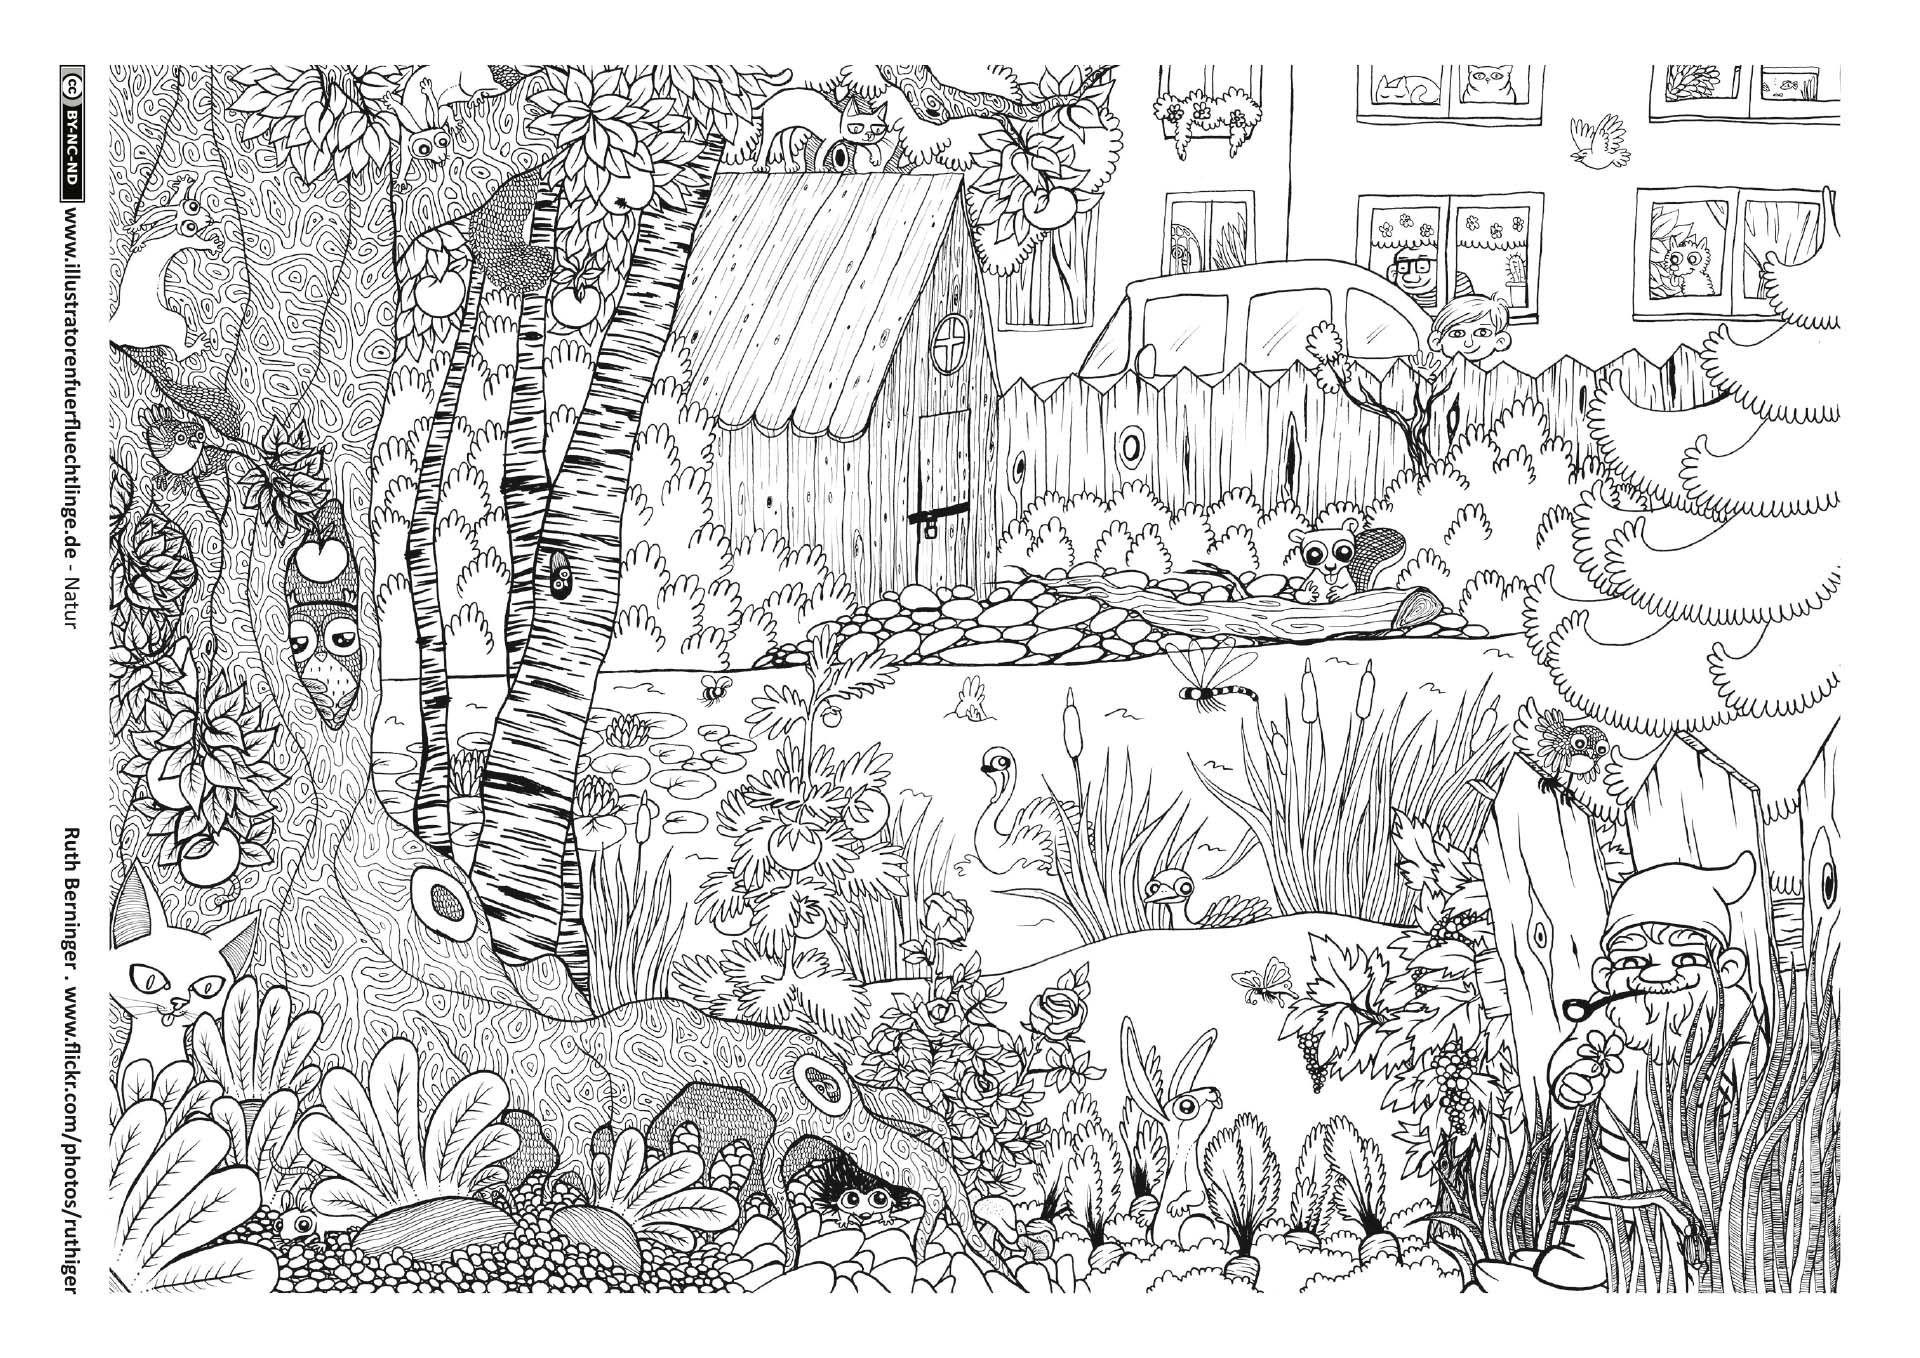 Ausmalbilder Weihnachten Erwachsene Kostenlos Inspirierend Garten Tiere Wimmelbild … Dot to Dots Galerie